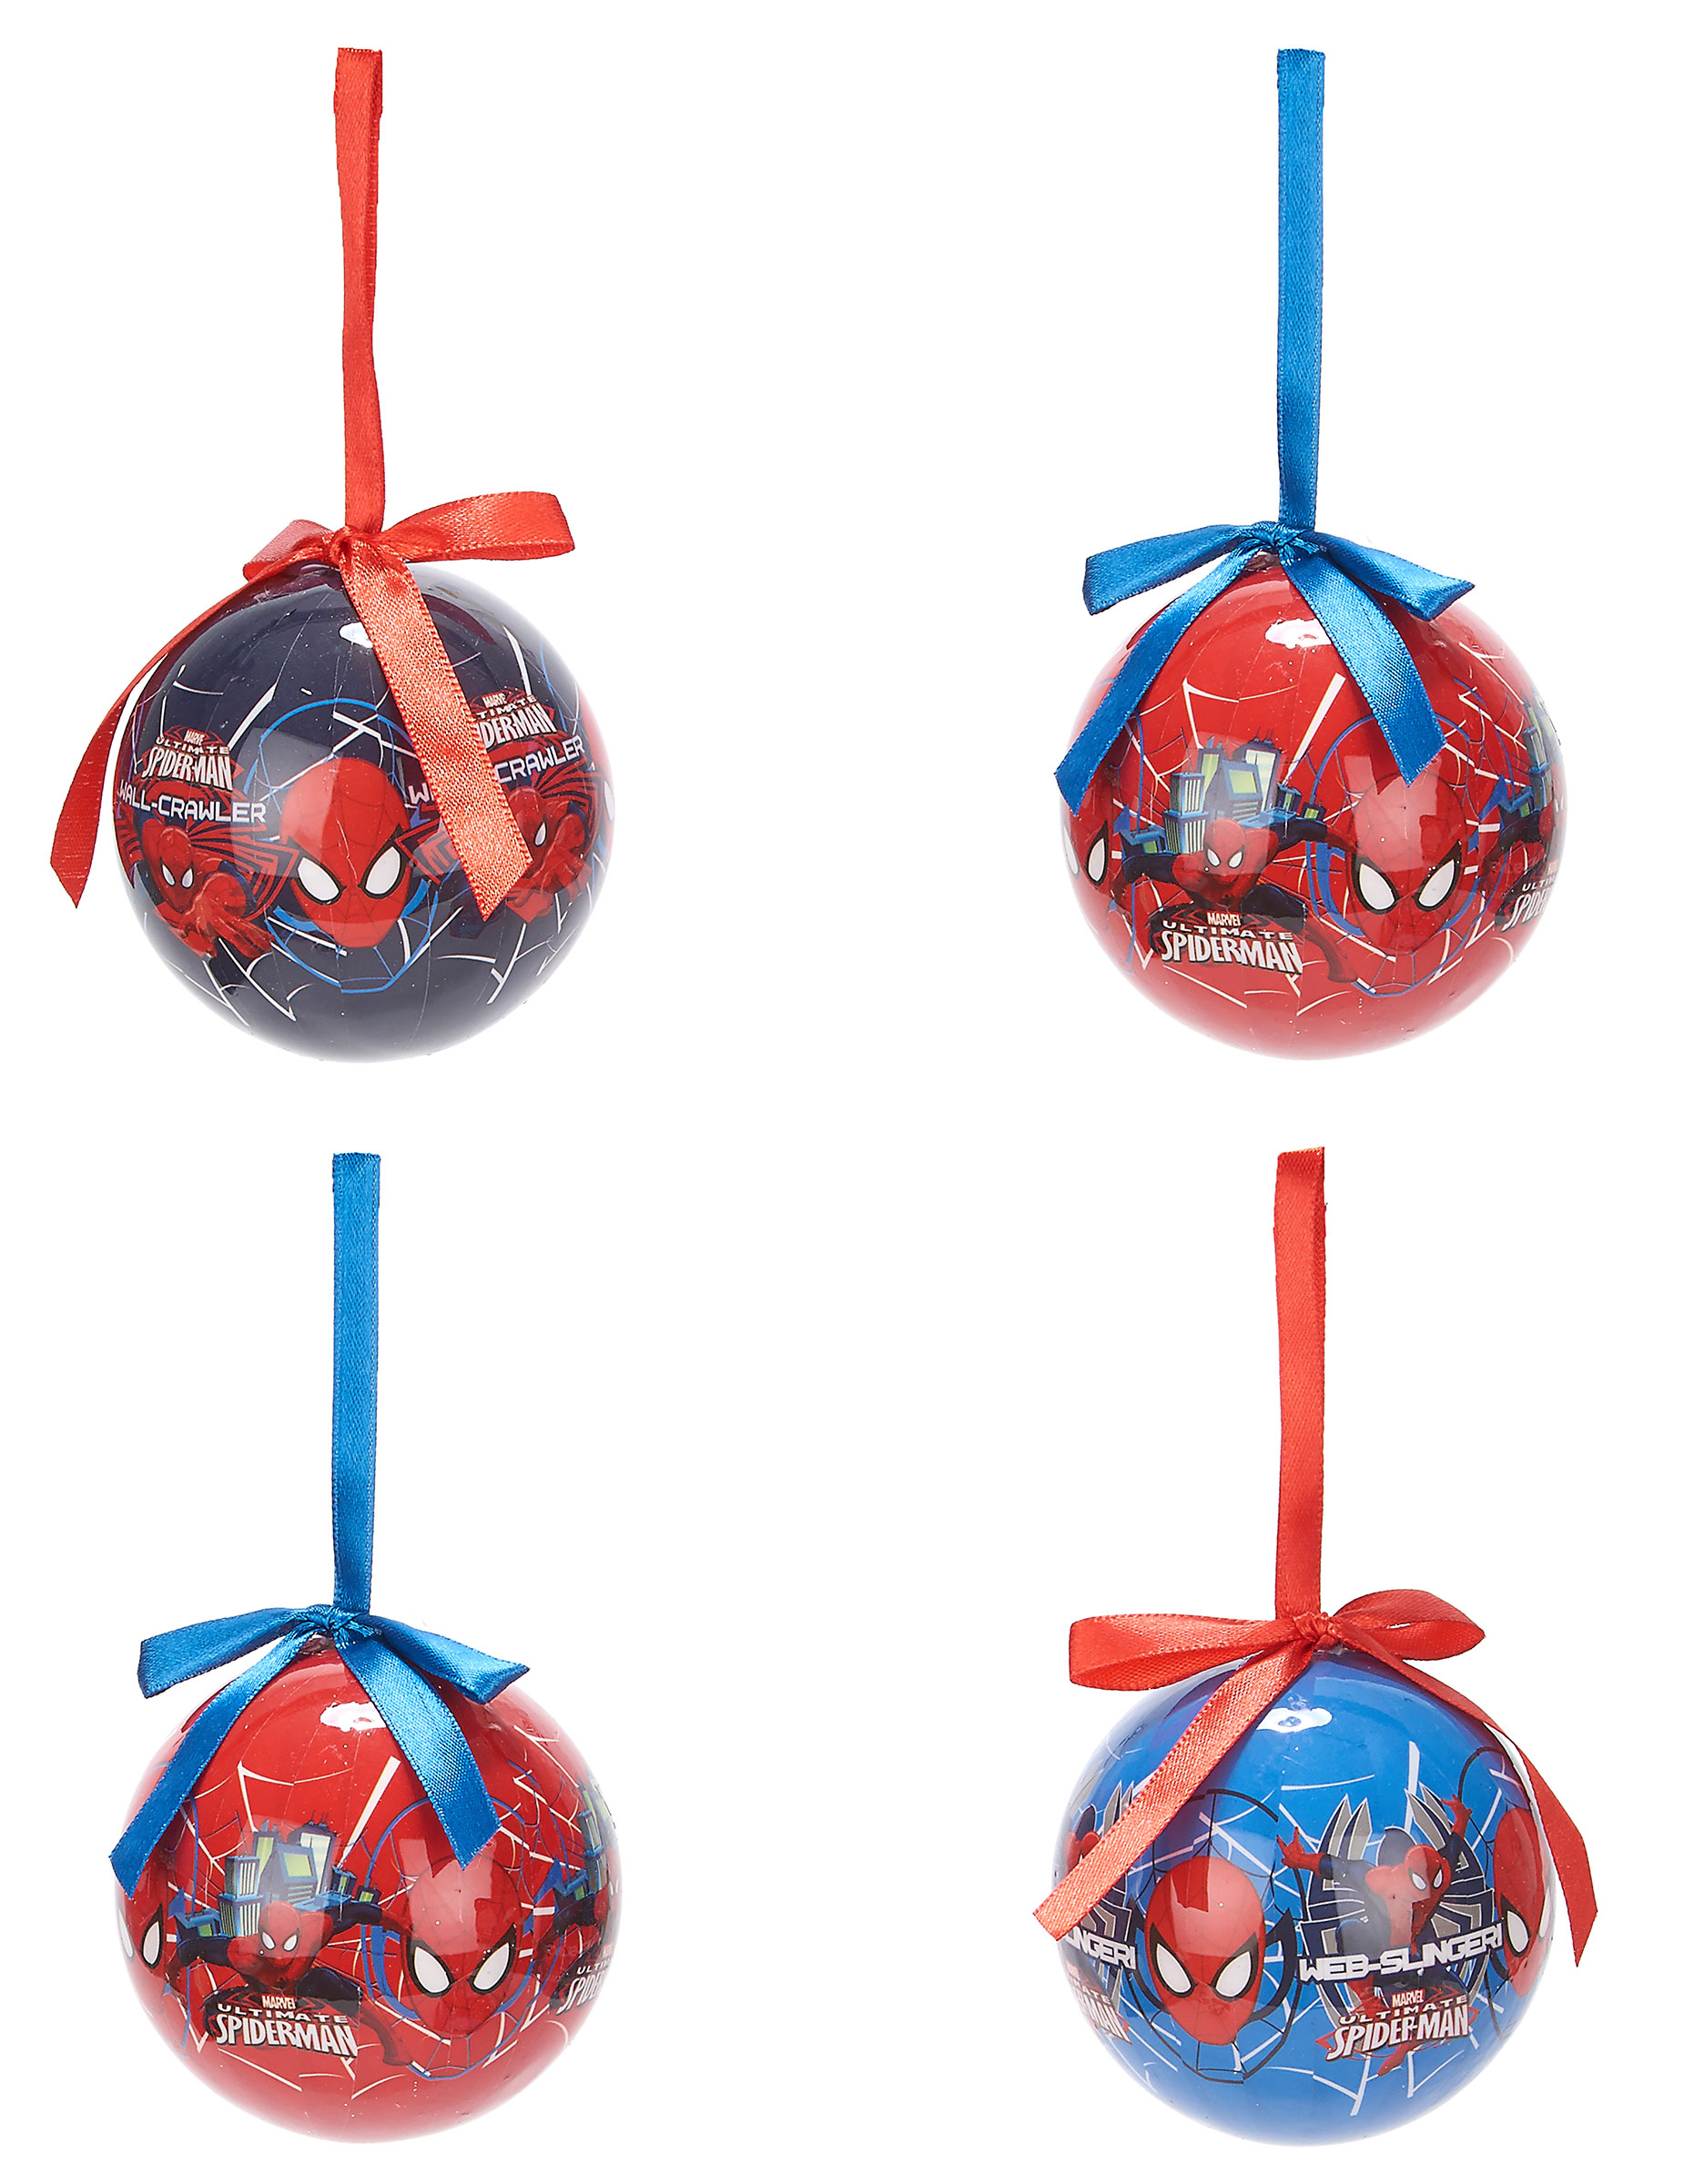 Günstige Christbaumkugeln.Christbaumkugeln Weihnachten Lizenzware Spiderman 4 Stück Rot Blau